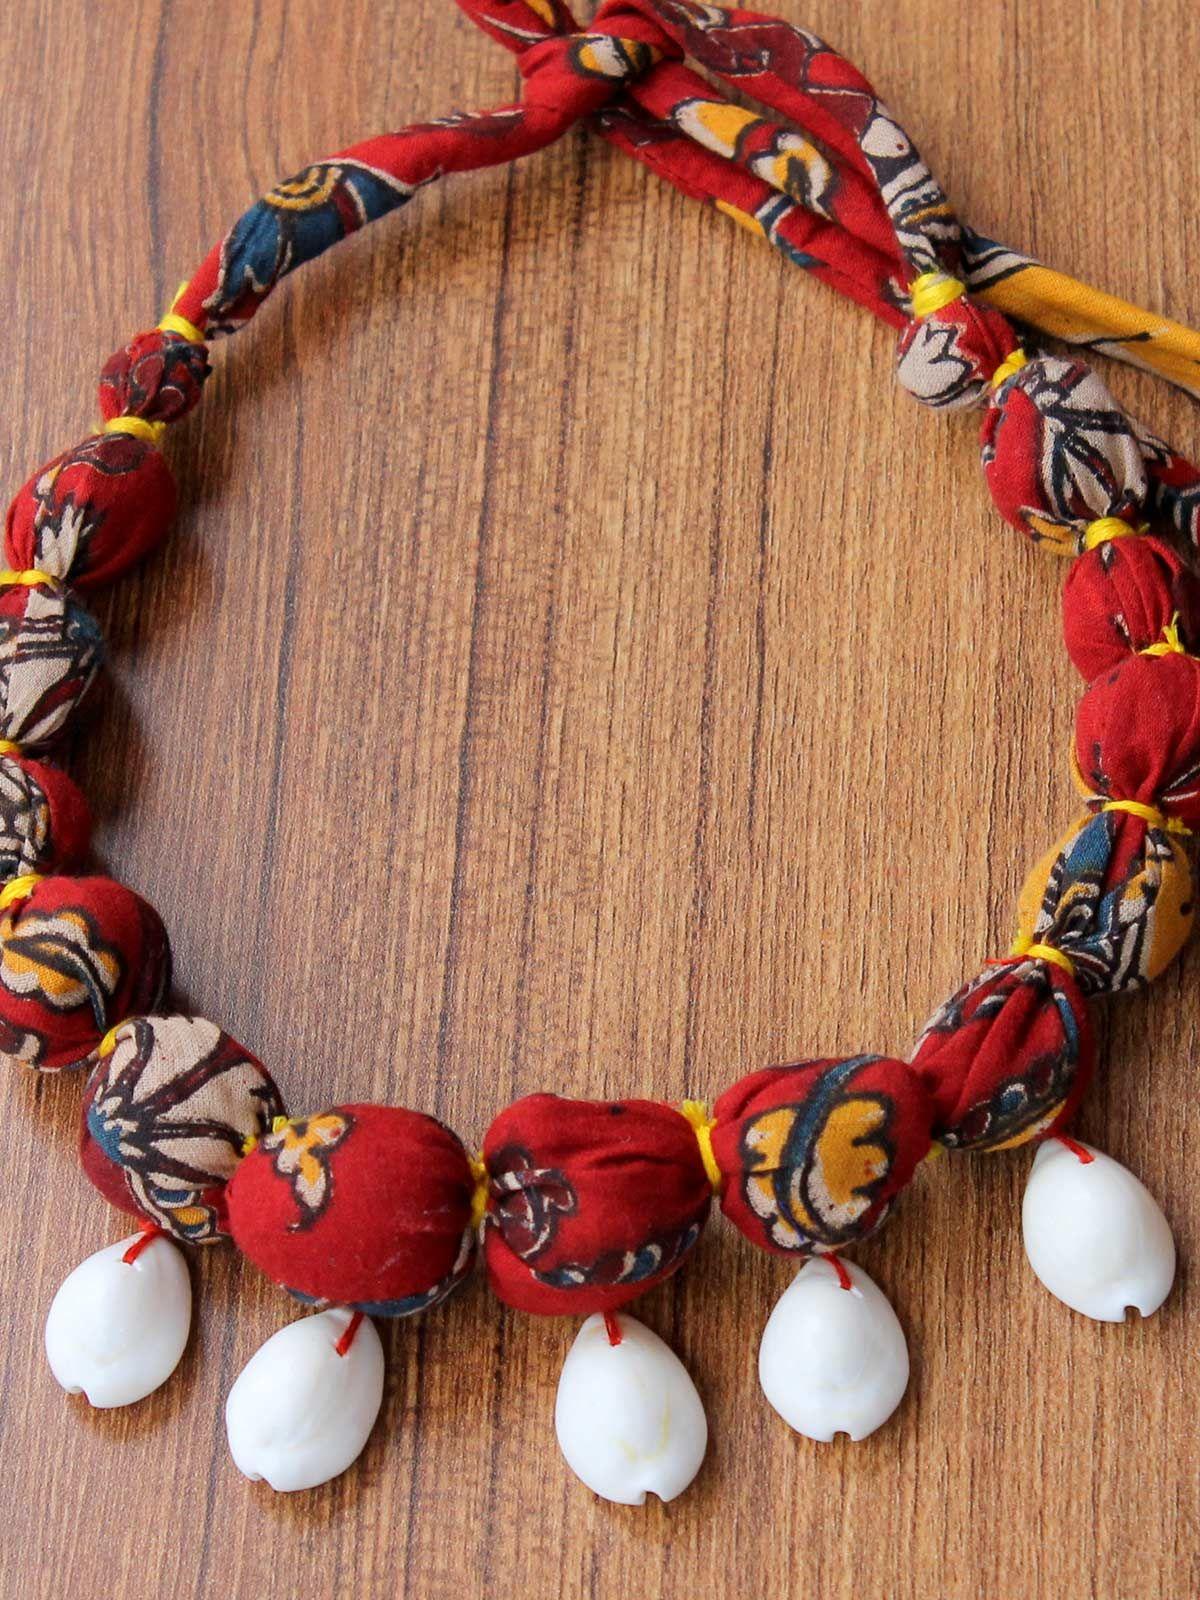 Shell Kalamkari red gulband